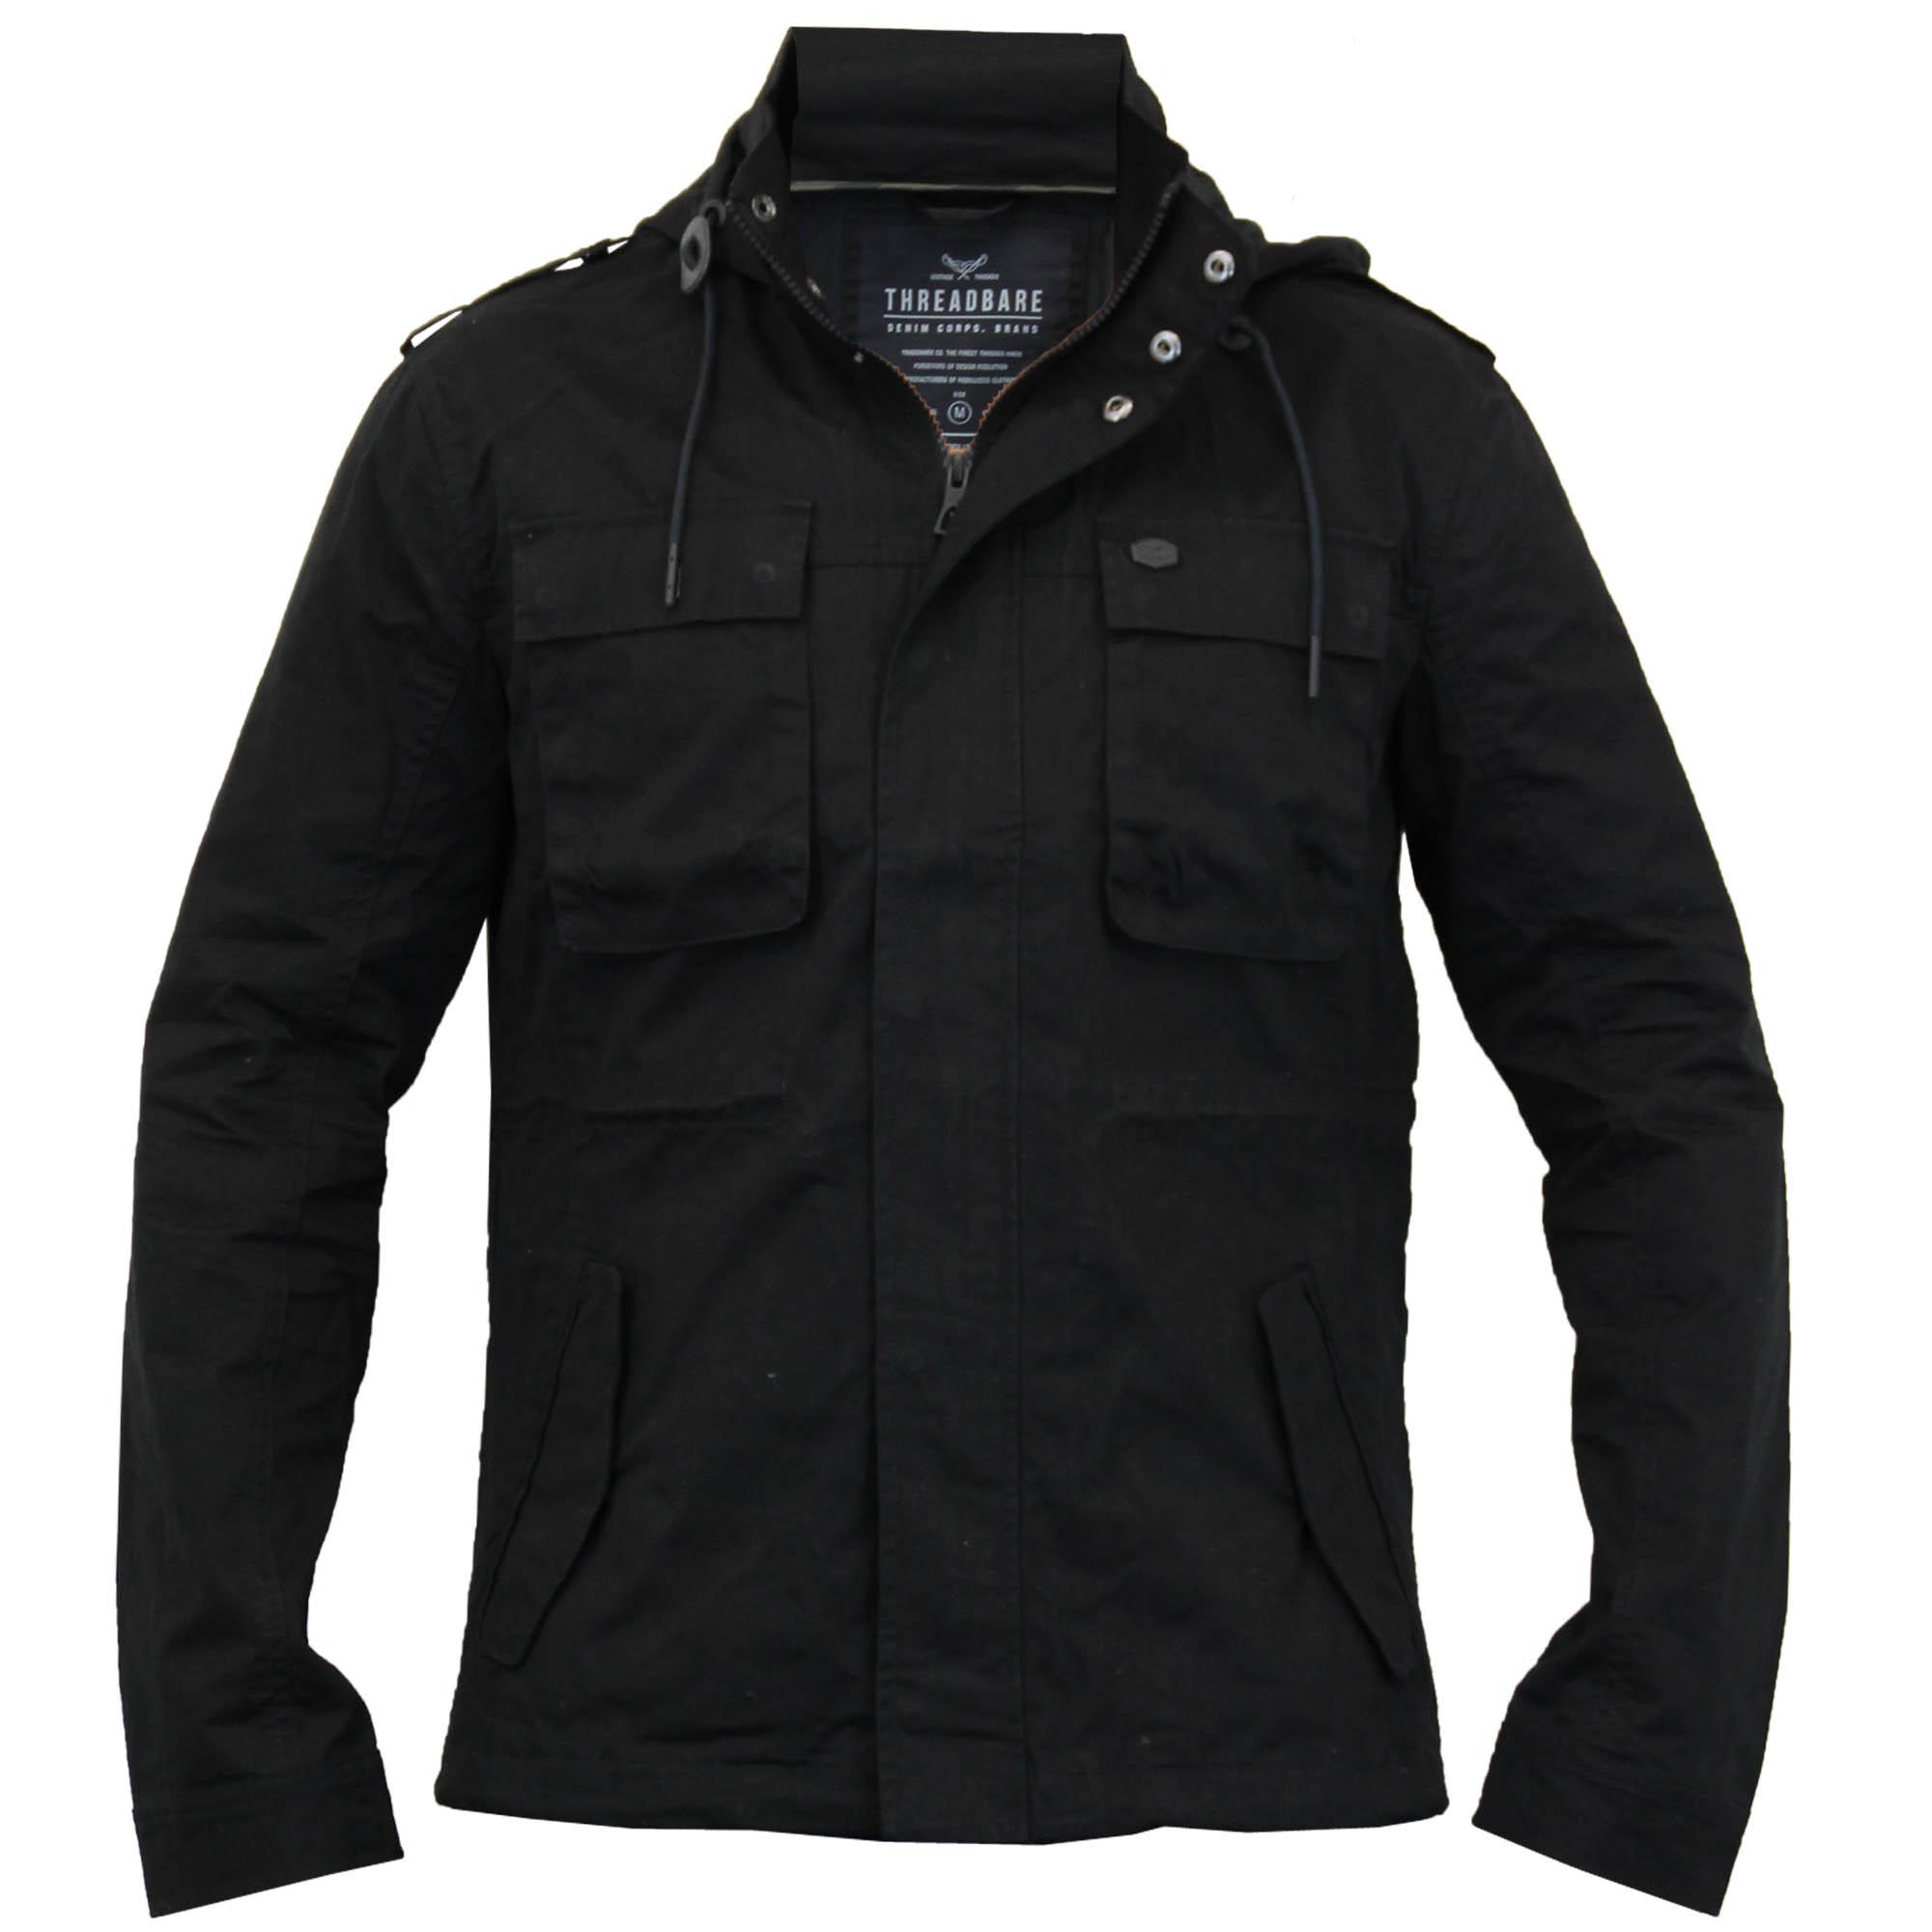 Mens Hooded Military Jacket By Threadbare | eBay